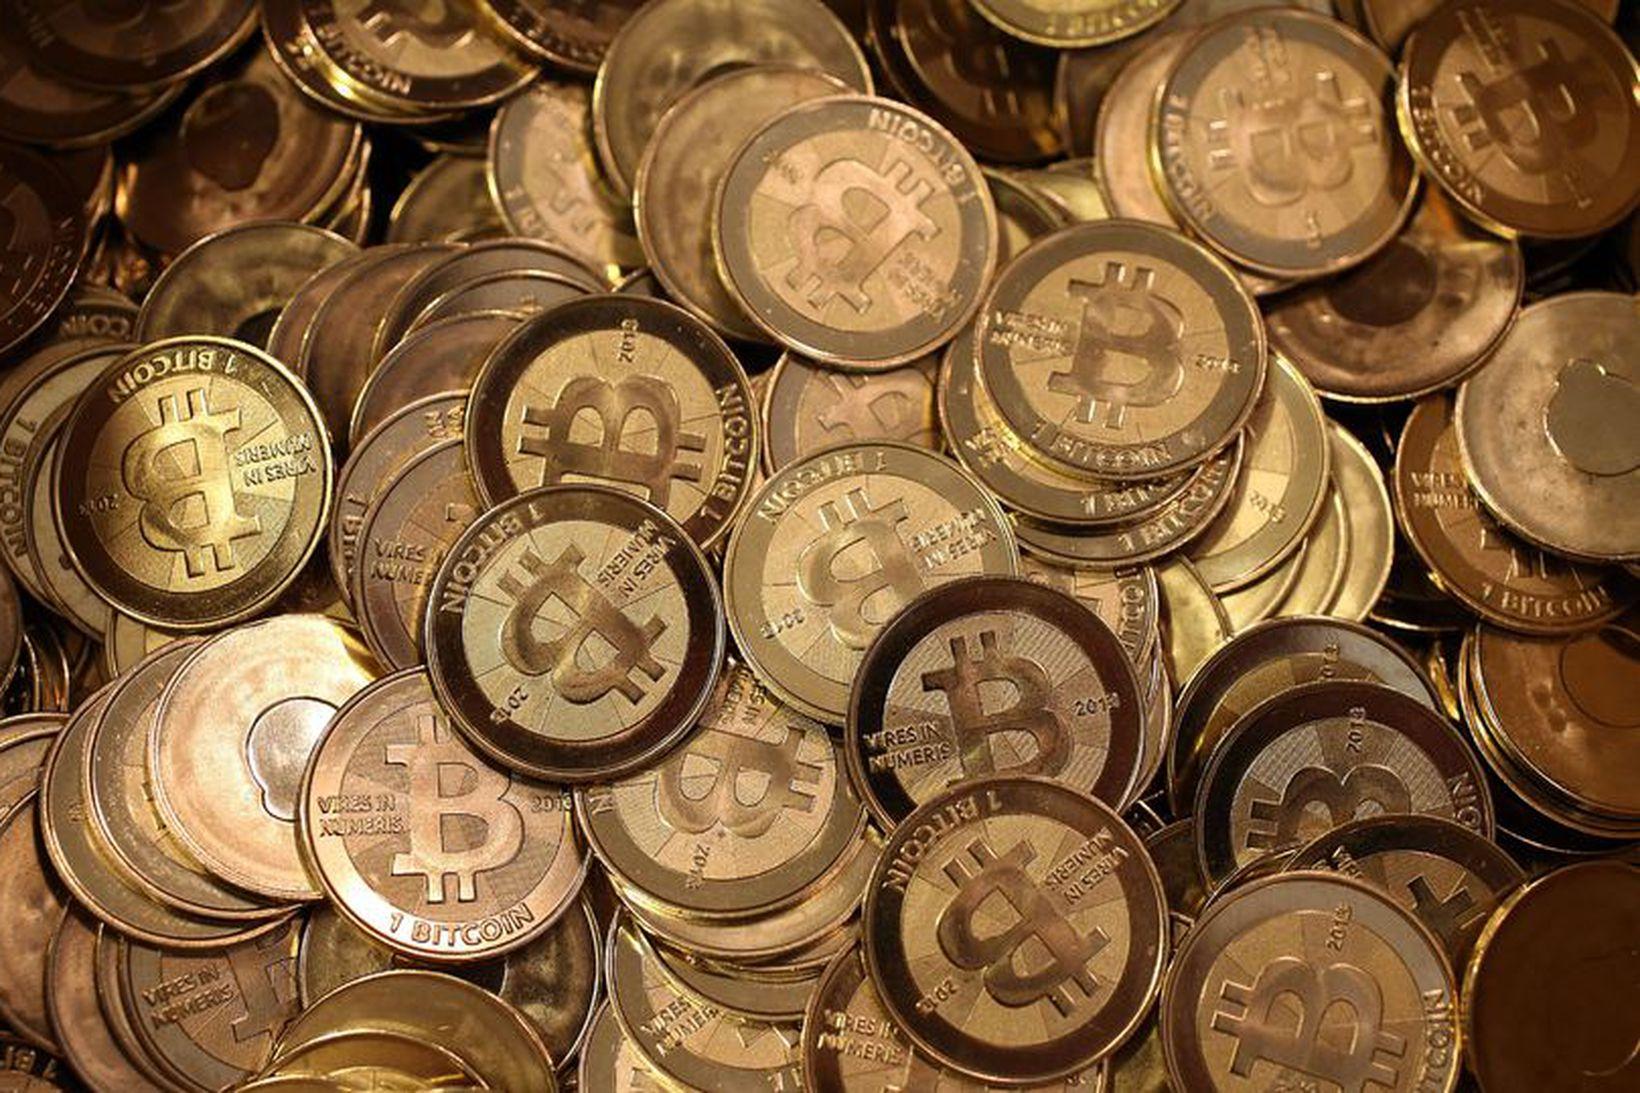 Viðskipti með Bitcoin gjaldmiðilinn eru ekki heimil samkvæmt íslenskum lögum …